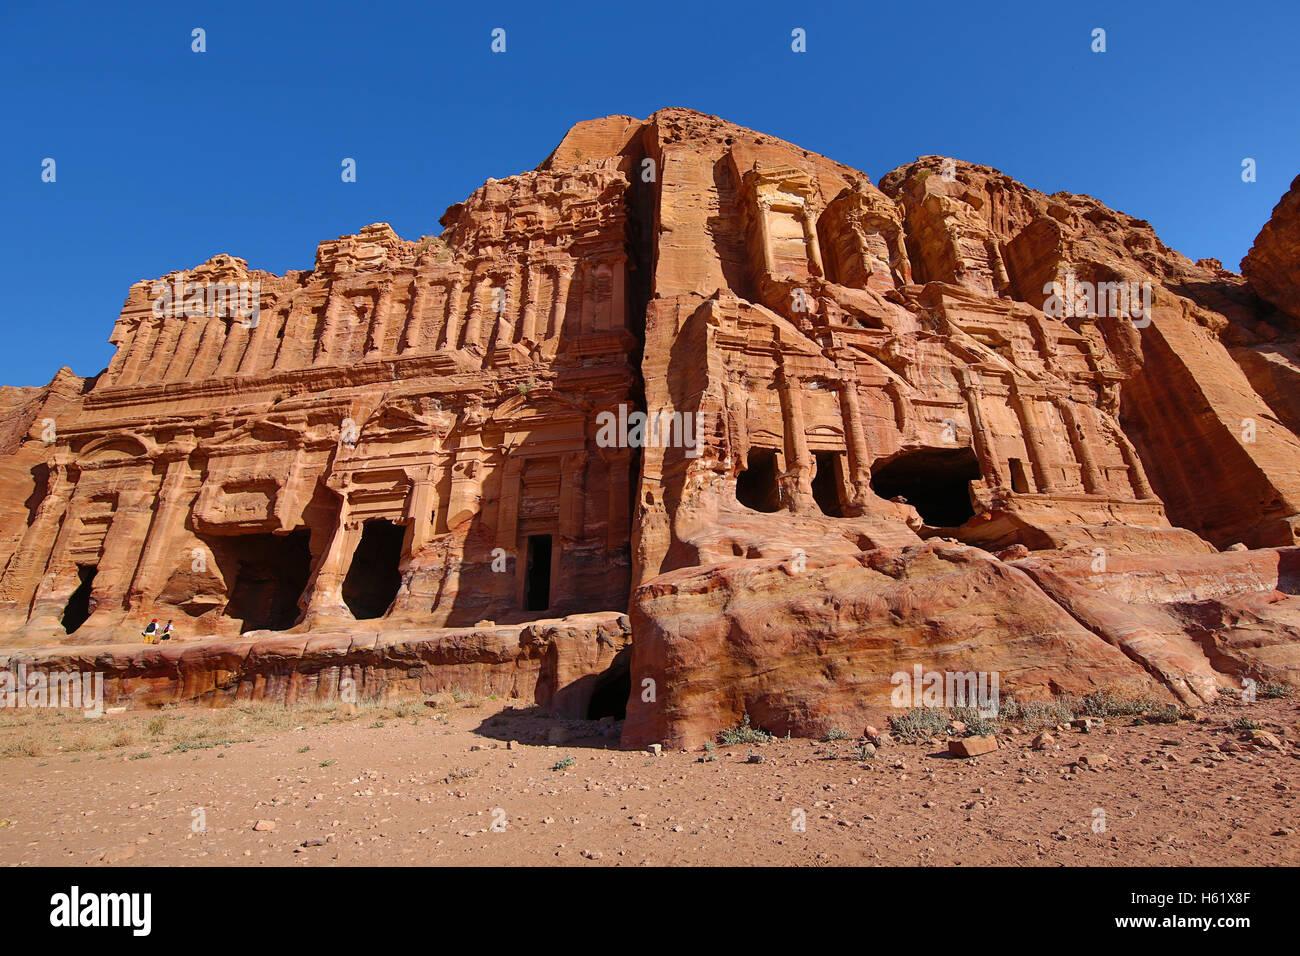 Die korinthische Grab und das Grab der Palast der Königsgräber in die Felsenstadt Petra, Jordanien Stockfoto